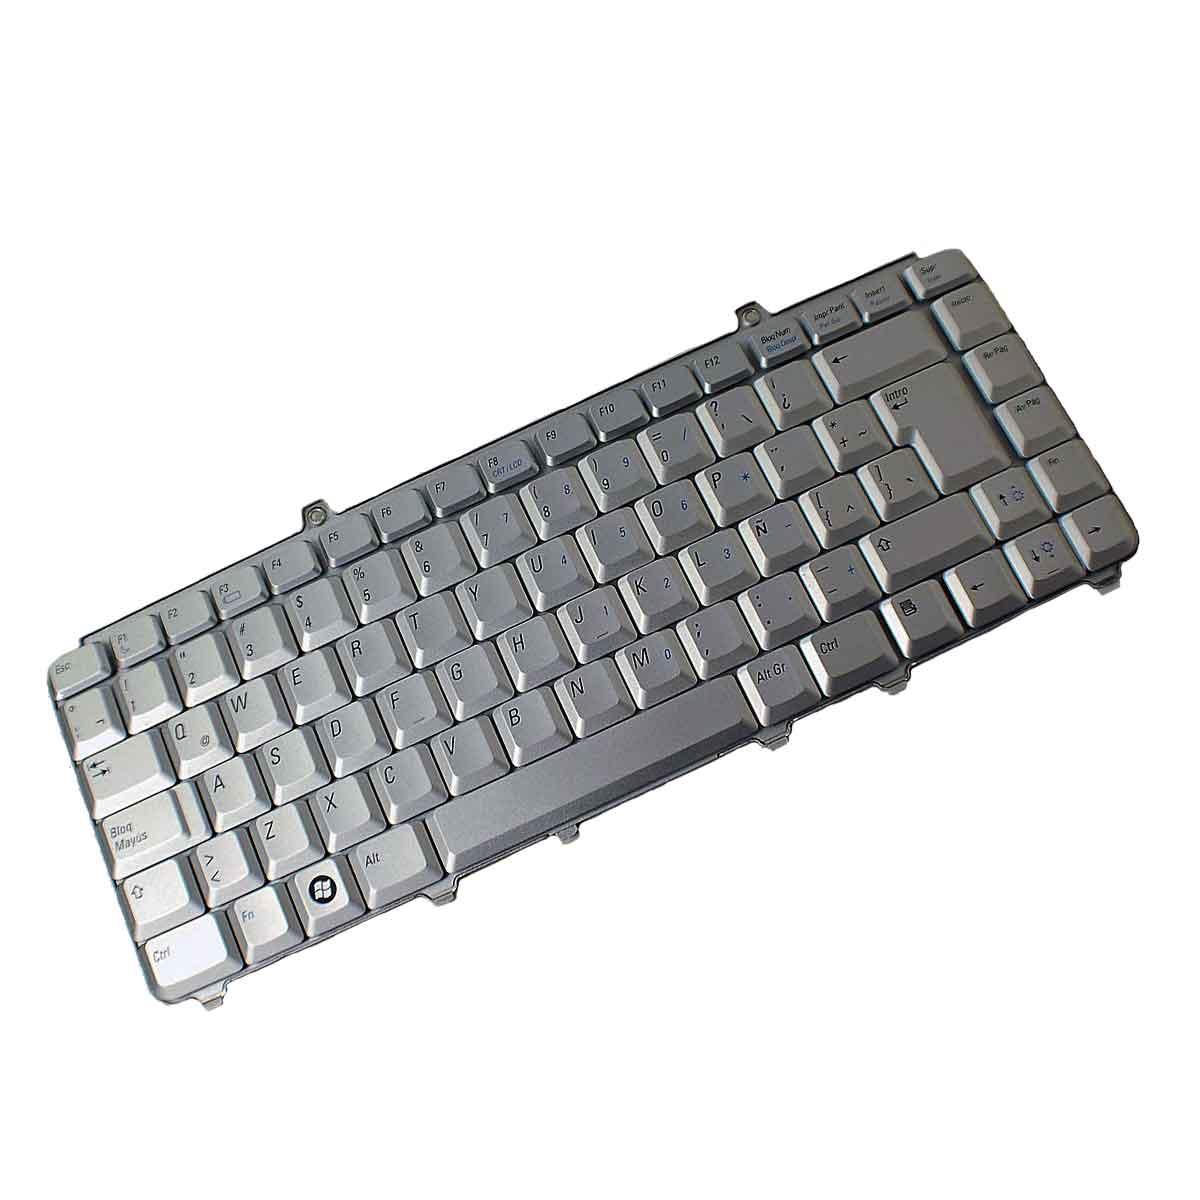 کیبورد لپ تاپ دل Keyboard Laptop DELL 1525 Silver